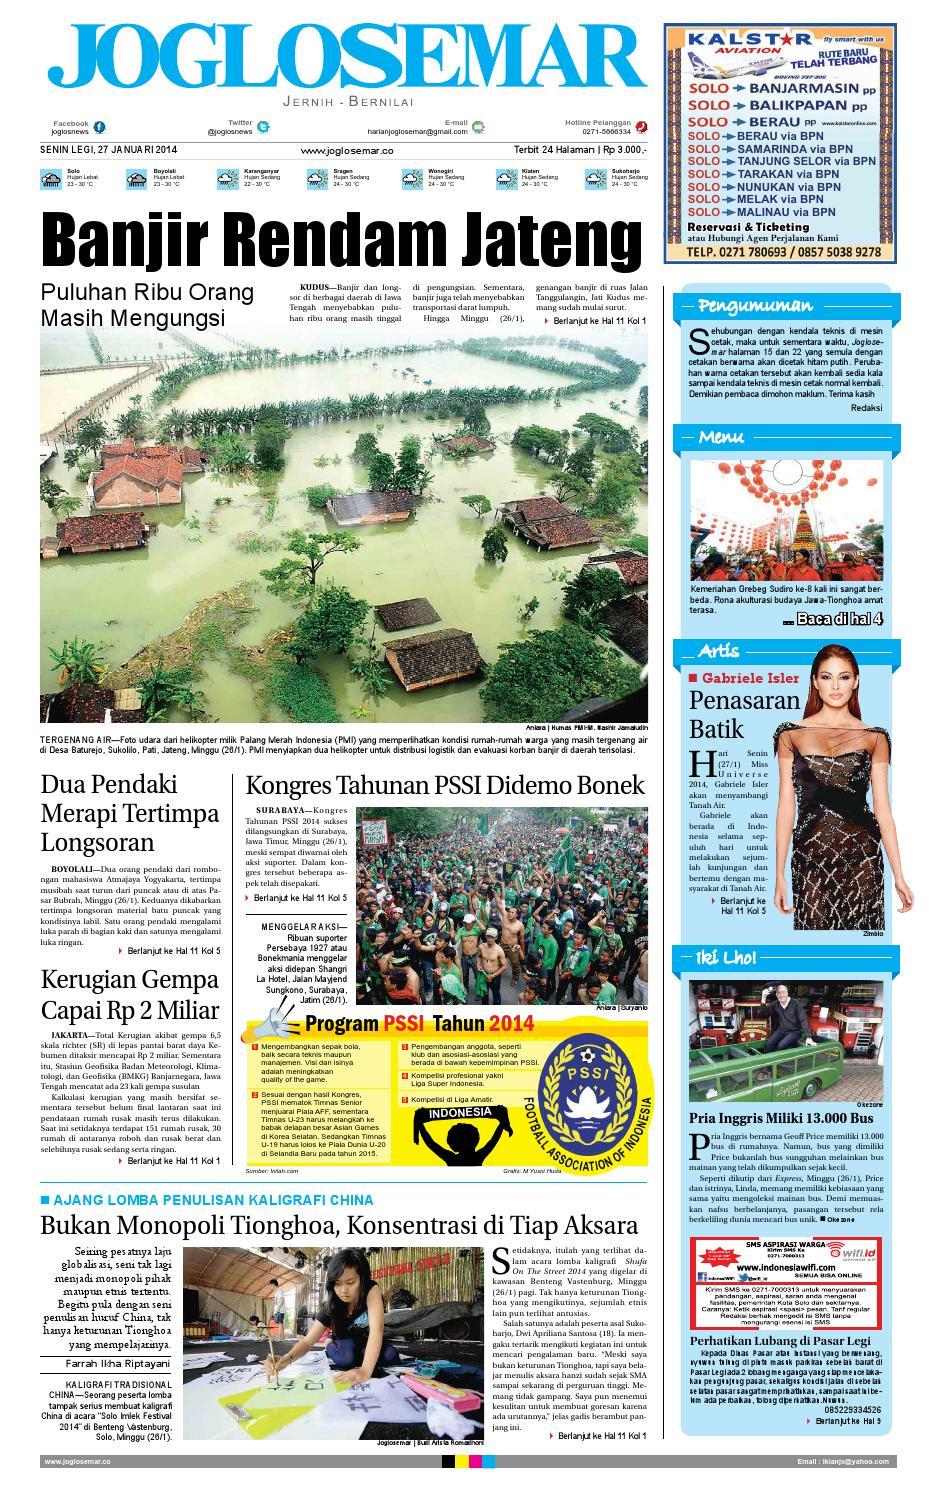 Epaper Edisi 27 Januari 2014 By PT Joglosemar Prima Media